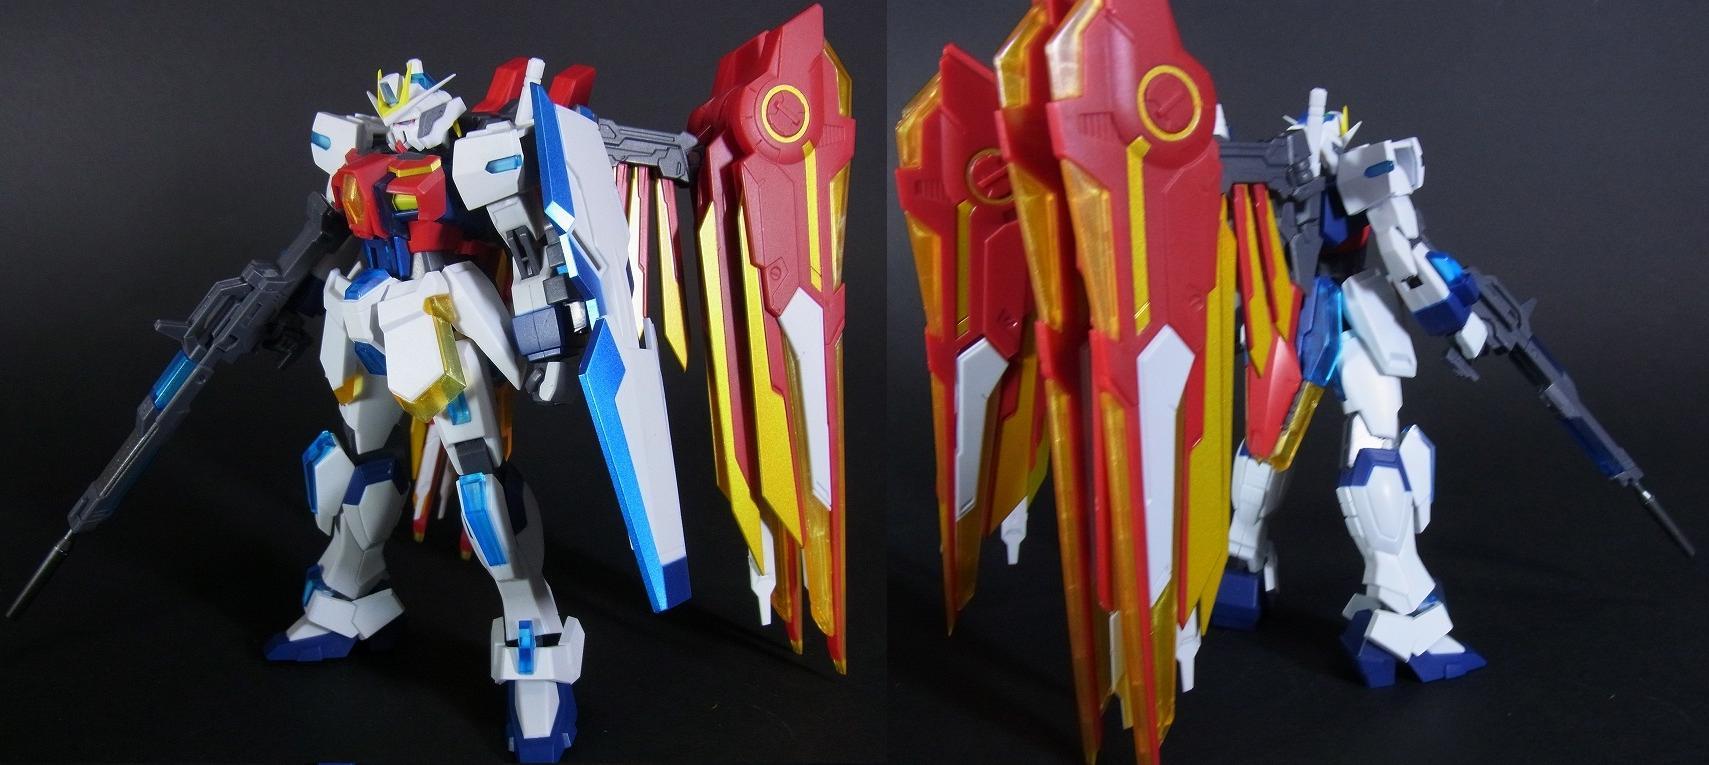 エクストリームガンダムtype-イクスアイオスフェース